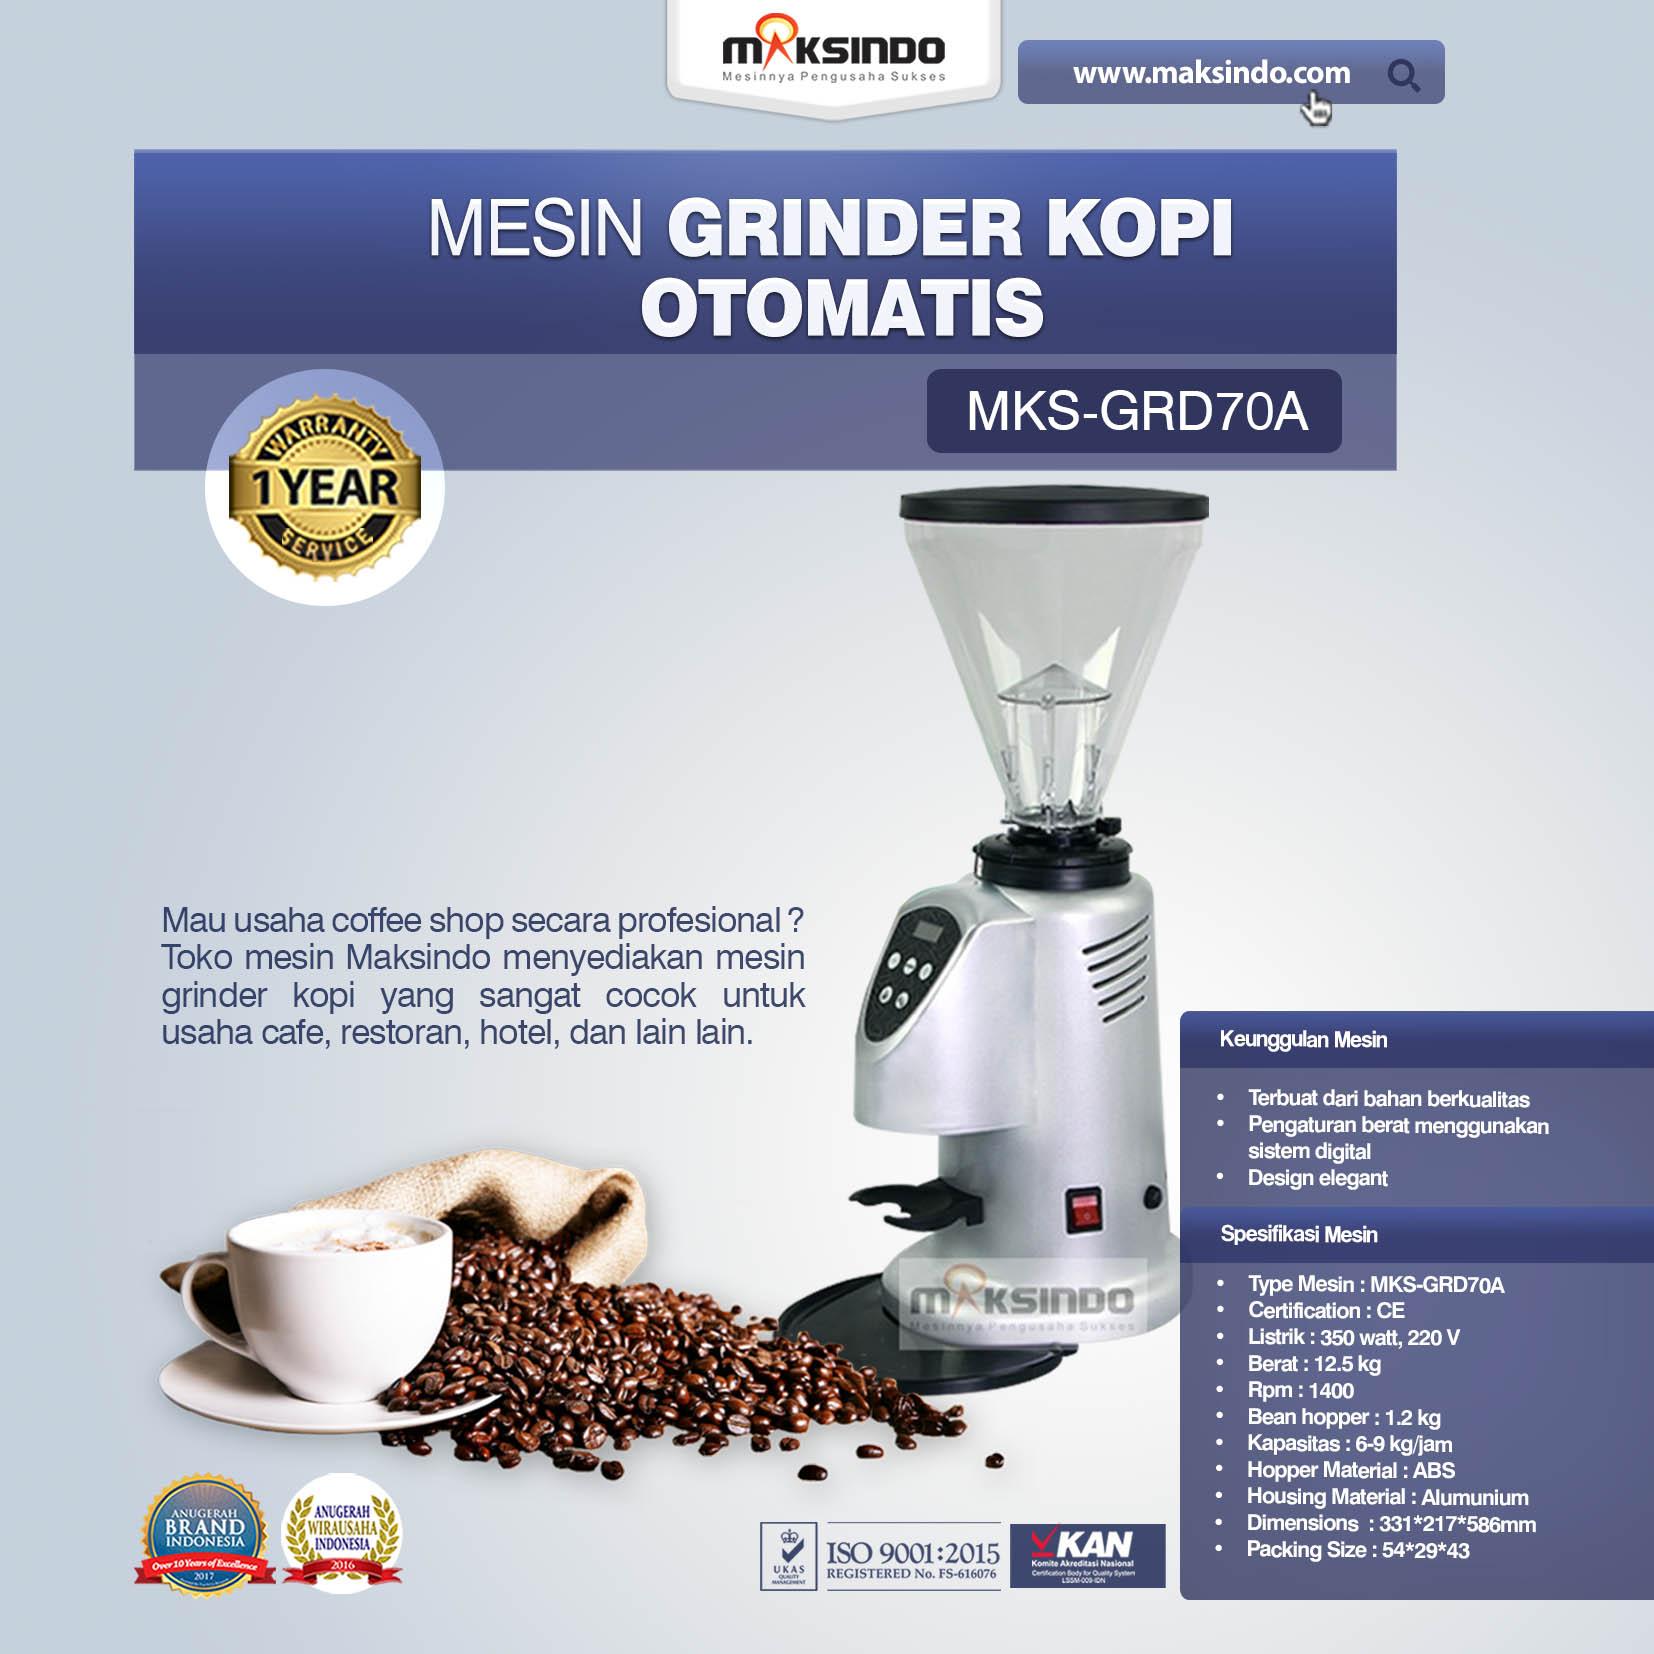 Jual Mesin Grinder Kopi Otomatis – MKS-GRD70A di Medan